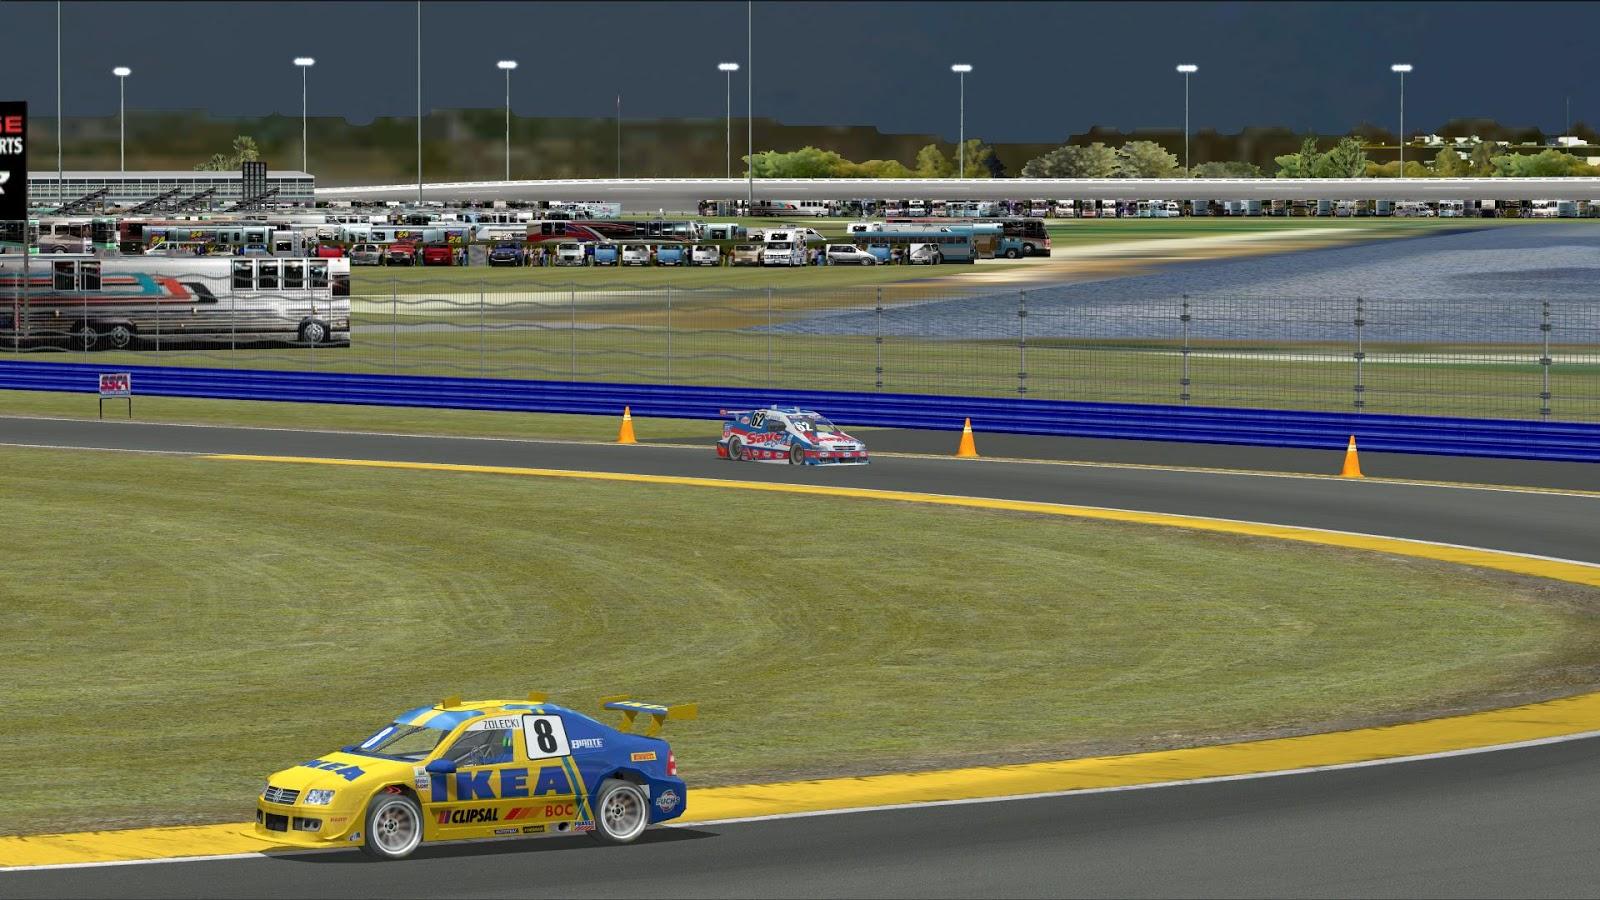 Tnadz NASCAR Racing: Pot Luck 17 - R44-45 Daytona Road Course